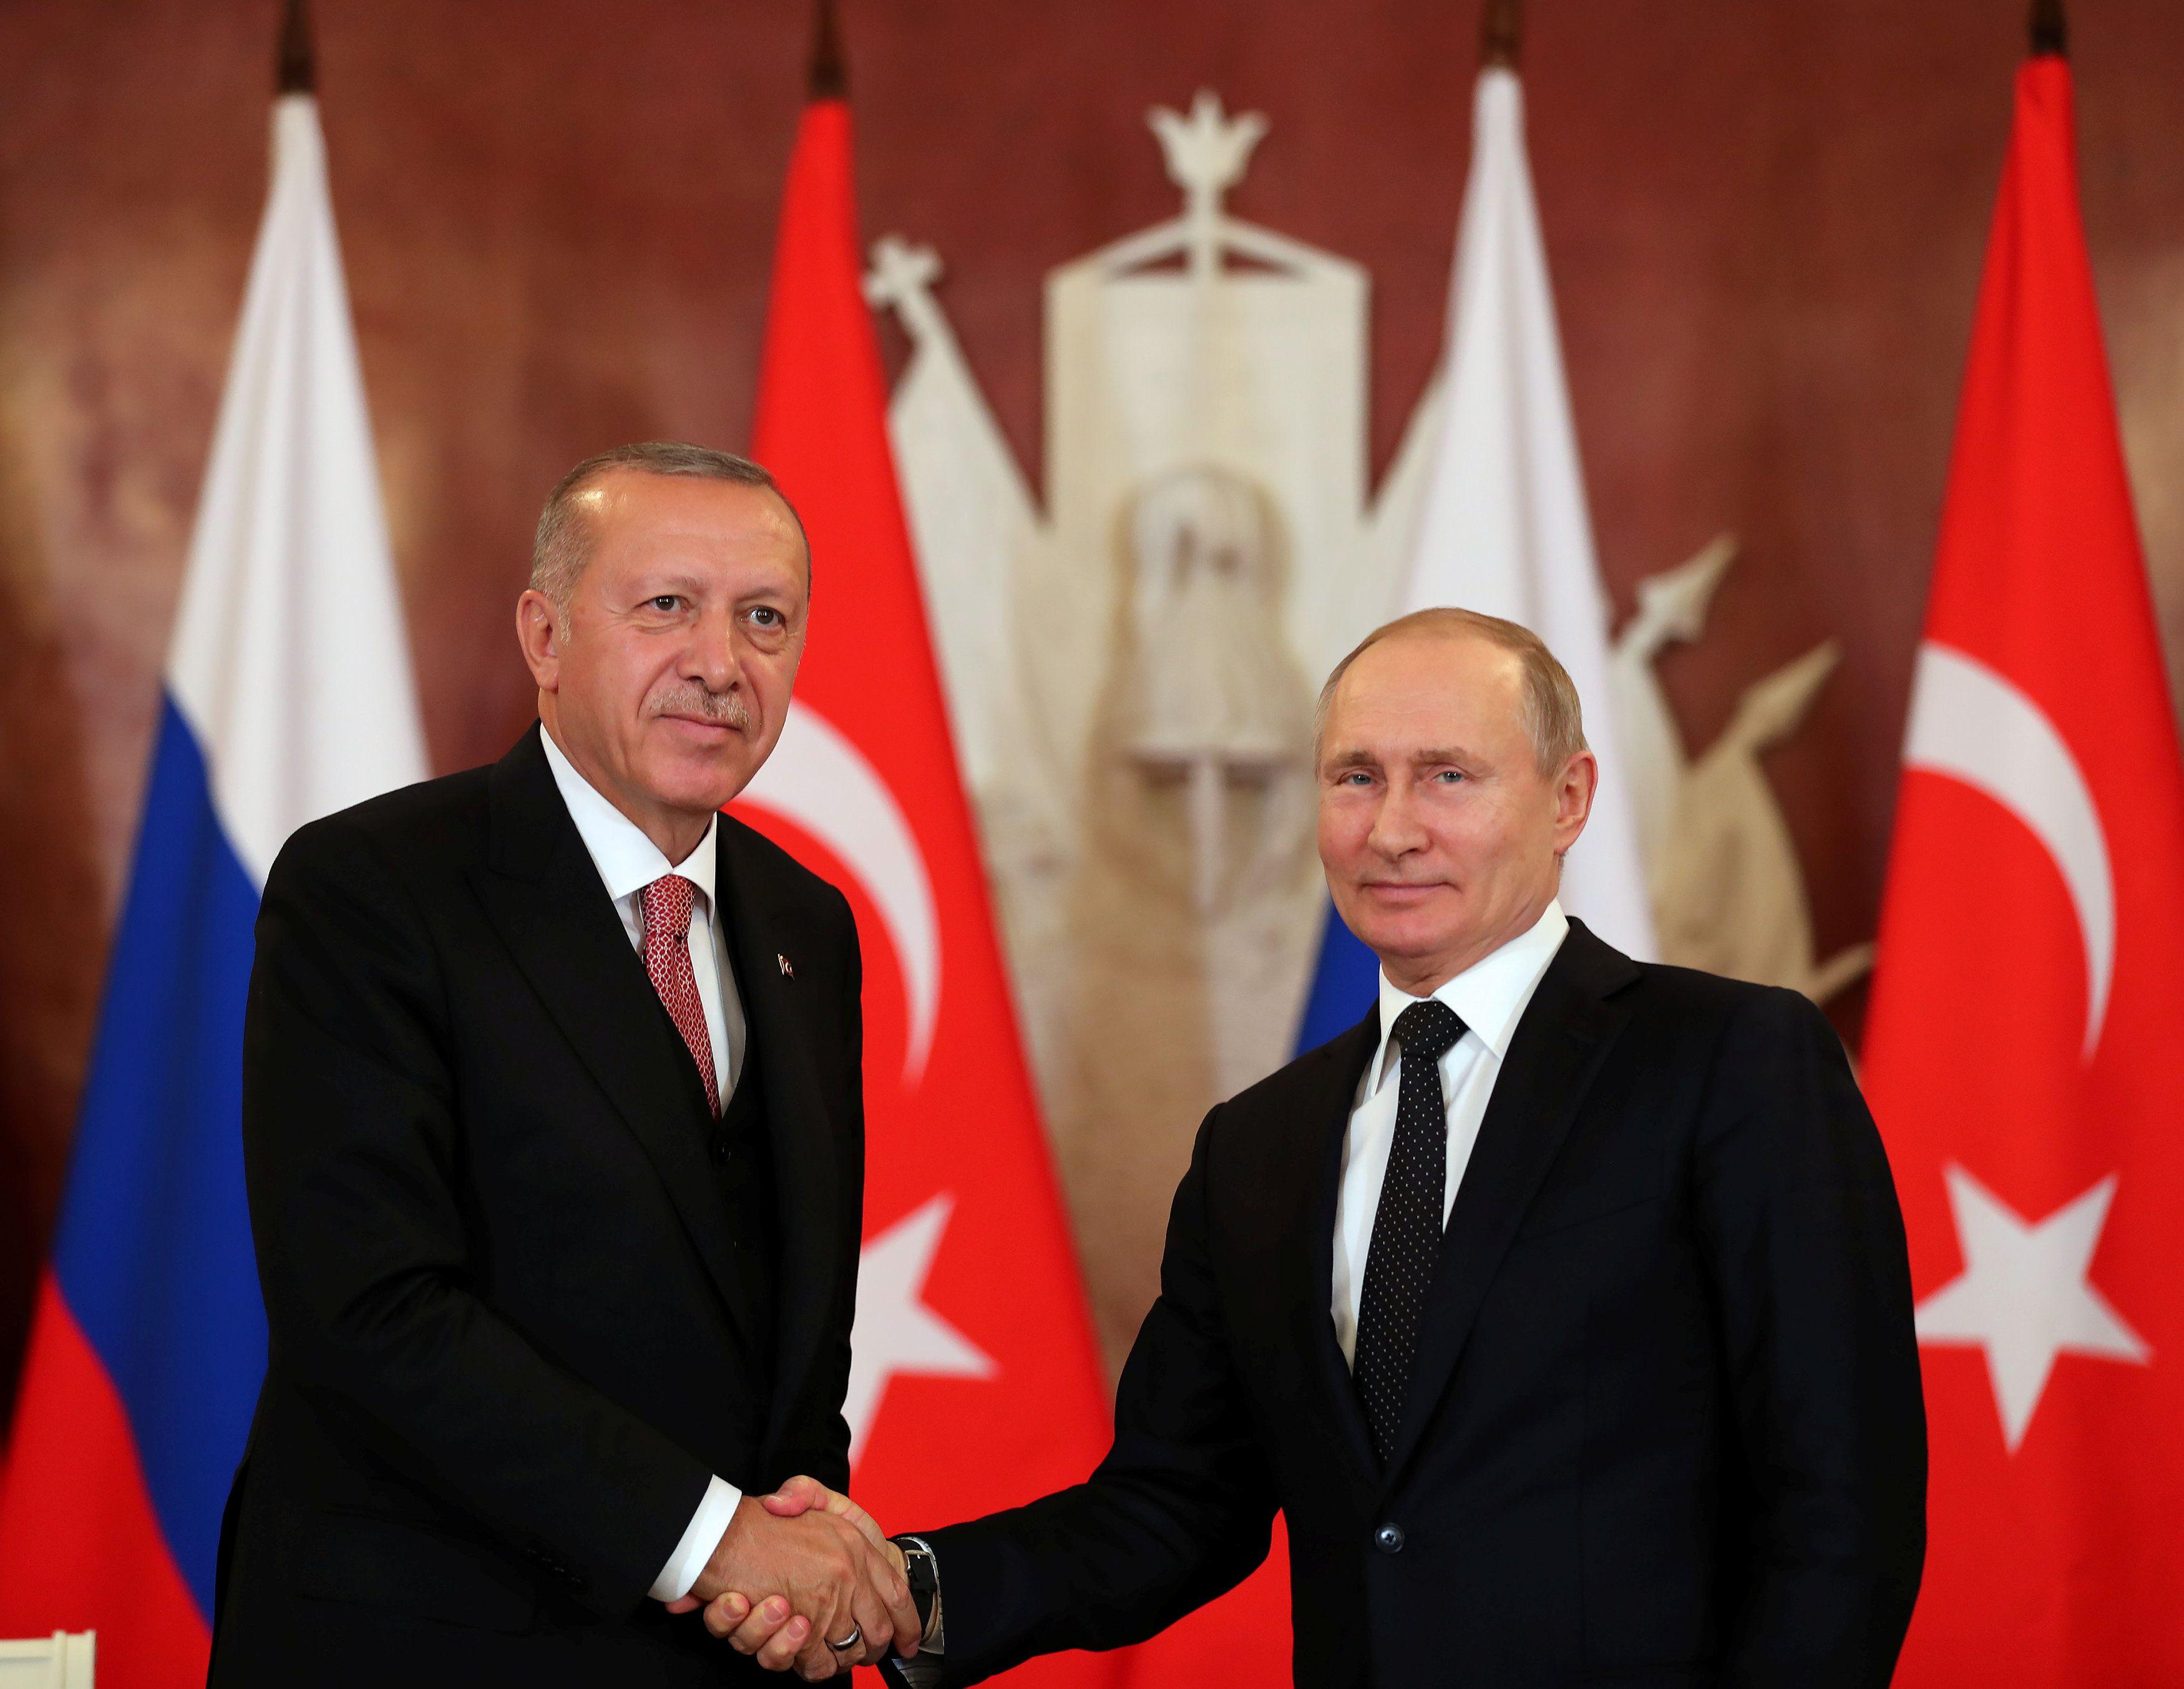 El presidente turco Erdogan y su par ruso Putin durante un encuentro en abril (Cem Oksuz/Oficina de prensa de la Presidencia turca via REUTERS)